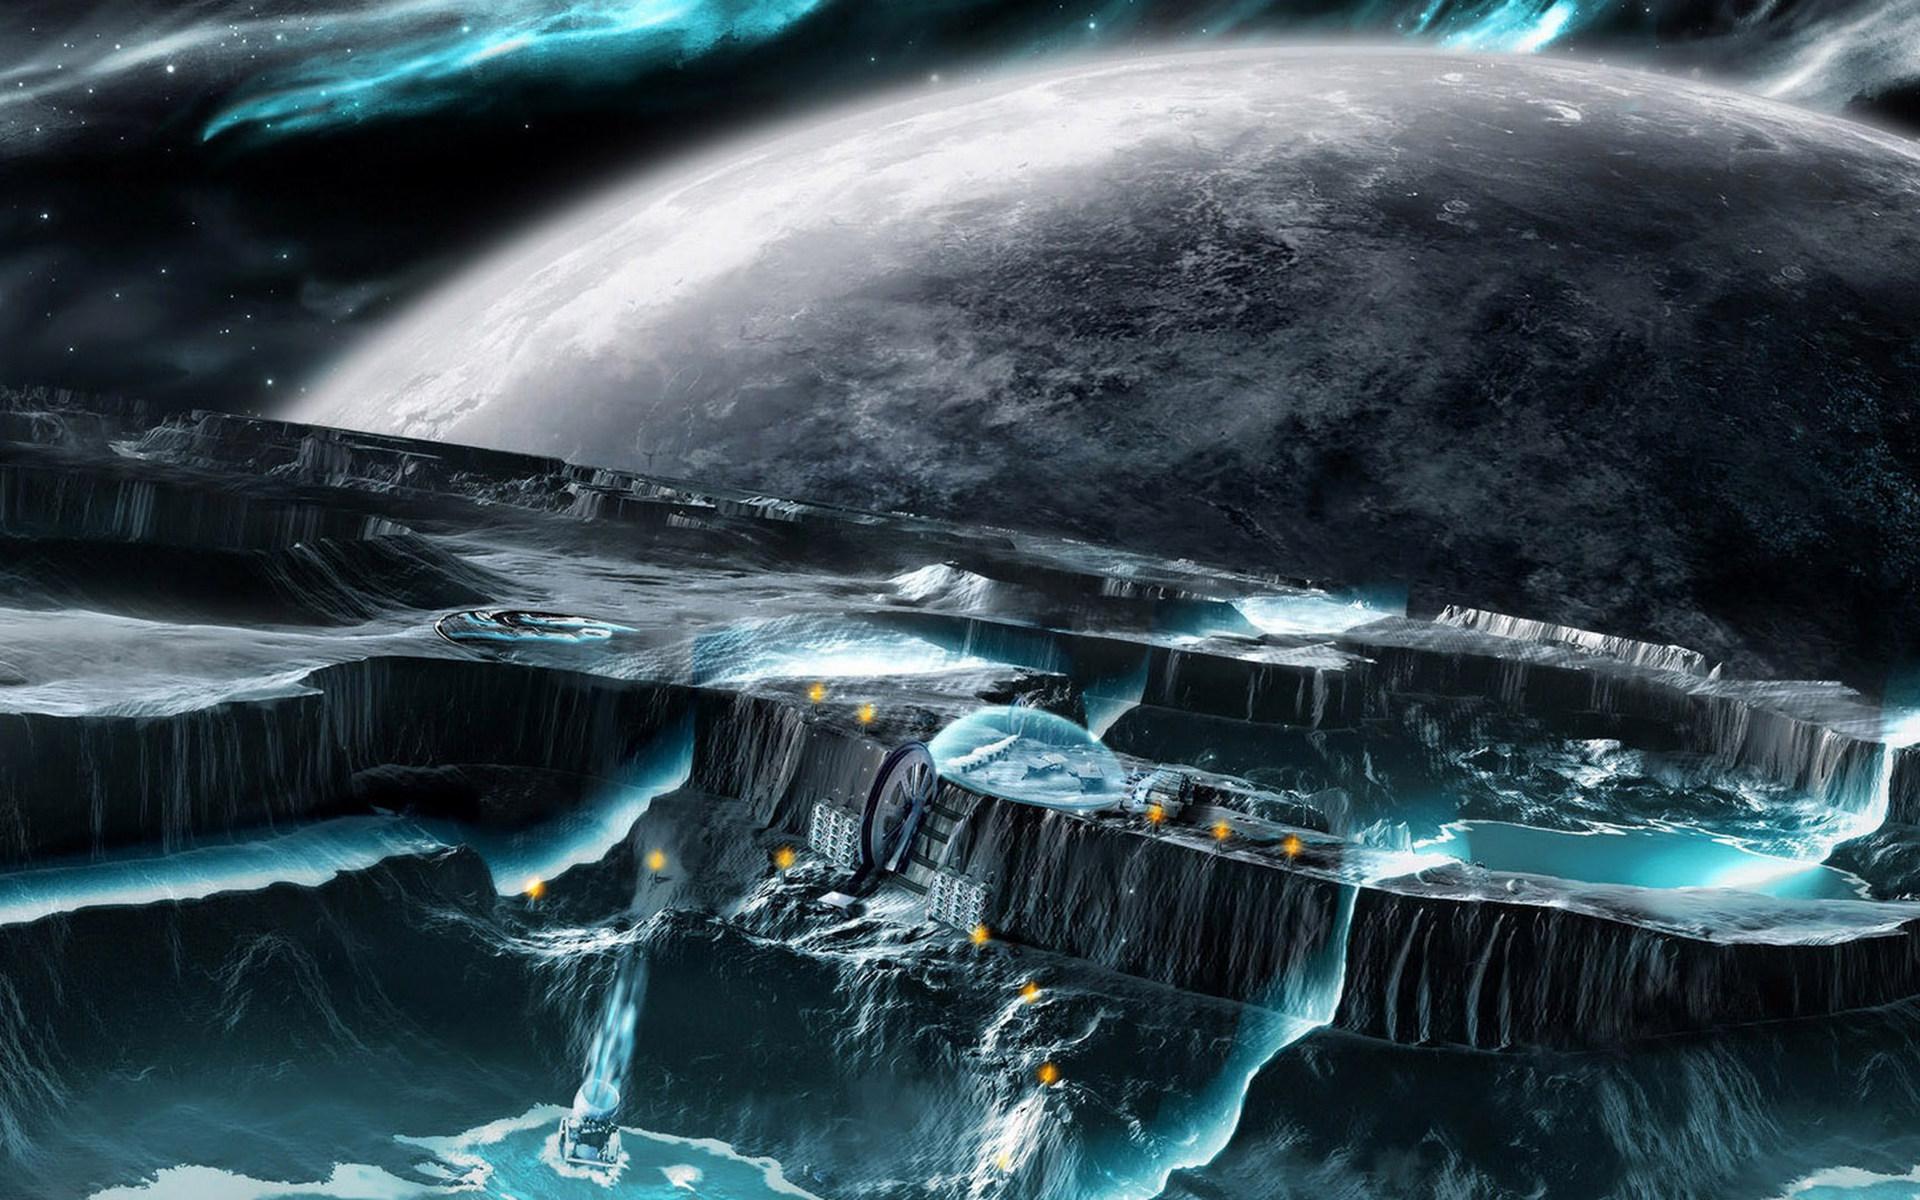 Обои Другой мир картинки на рабочий стол на тему Космос - скачать скачать